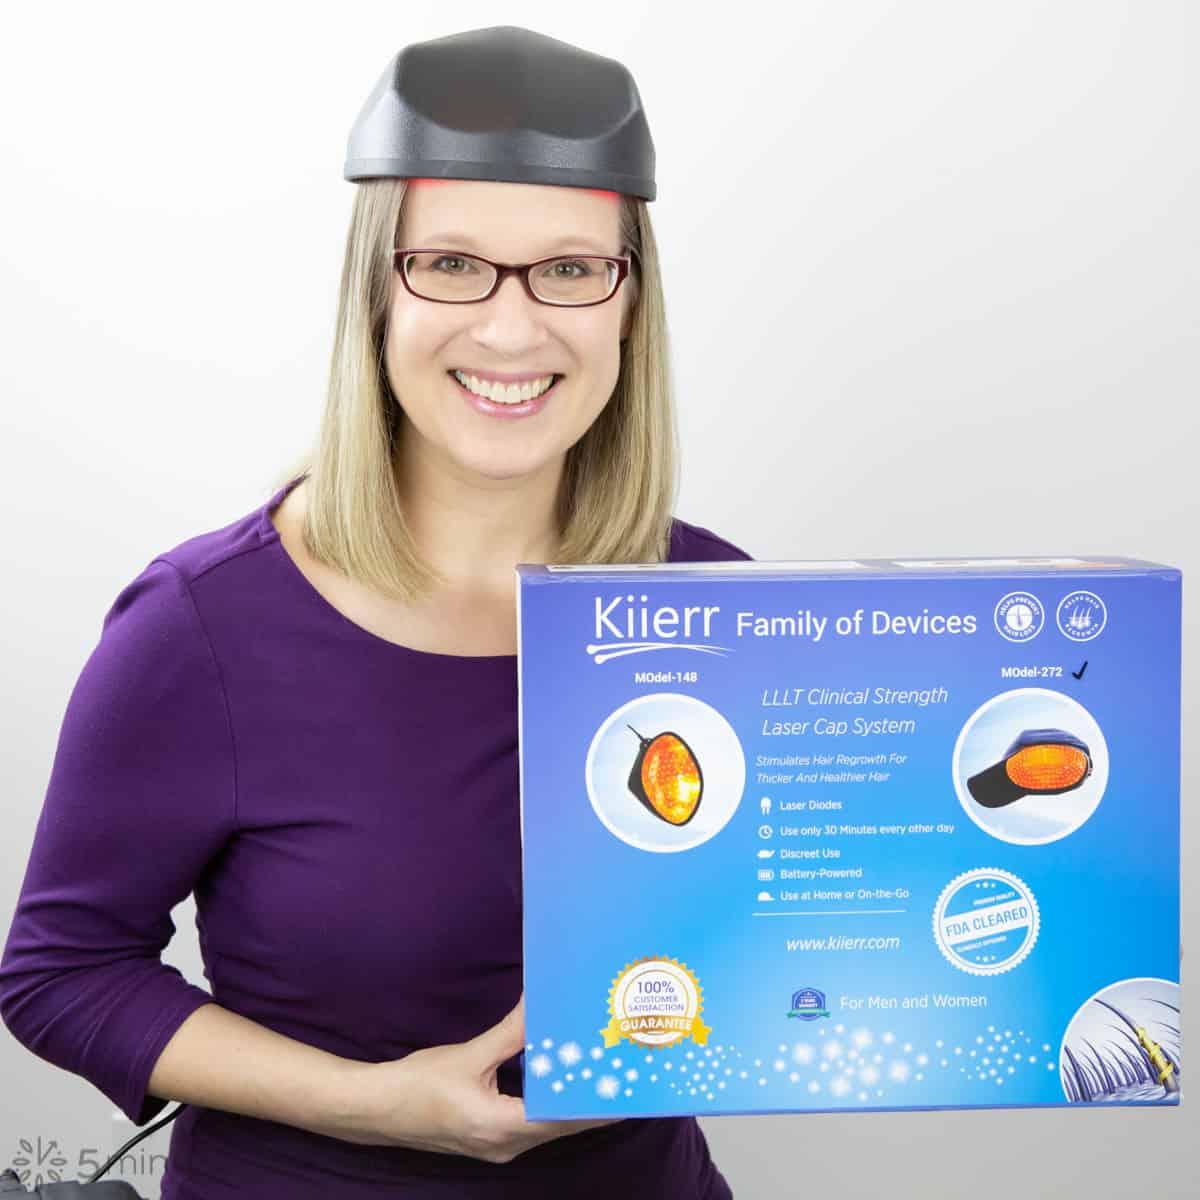 Kiierr Laser Cap - Wearing the Cap